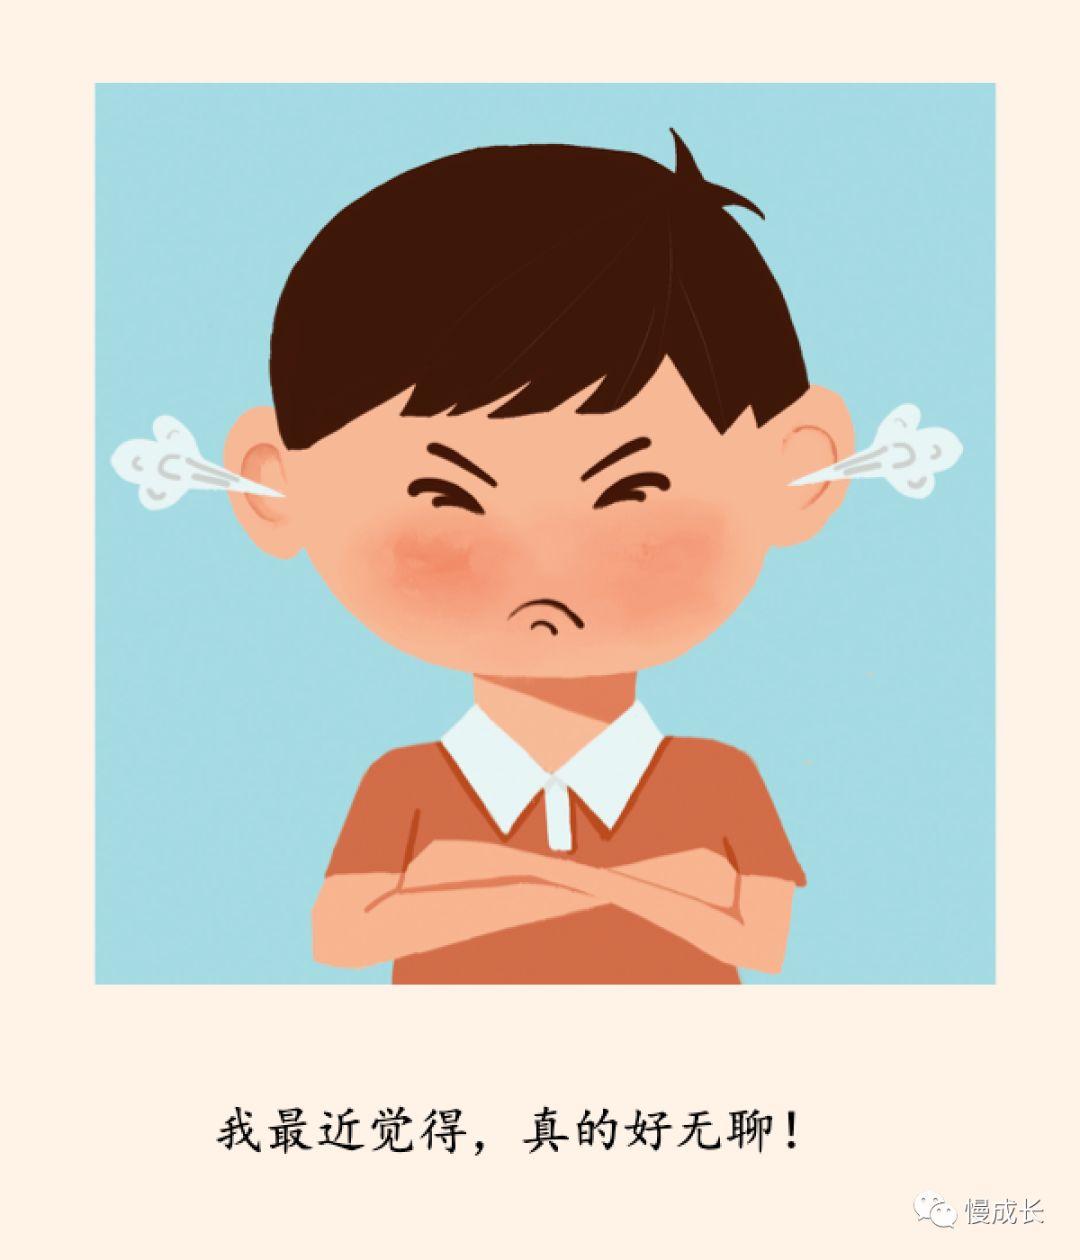 新型冠状病毒爆发,怎么教孩子保护好自己?我画了原创绘本《为什么要戴口罩》